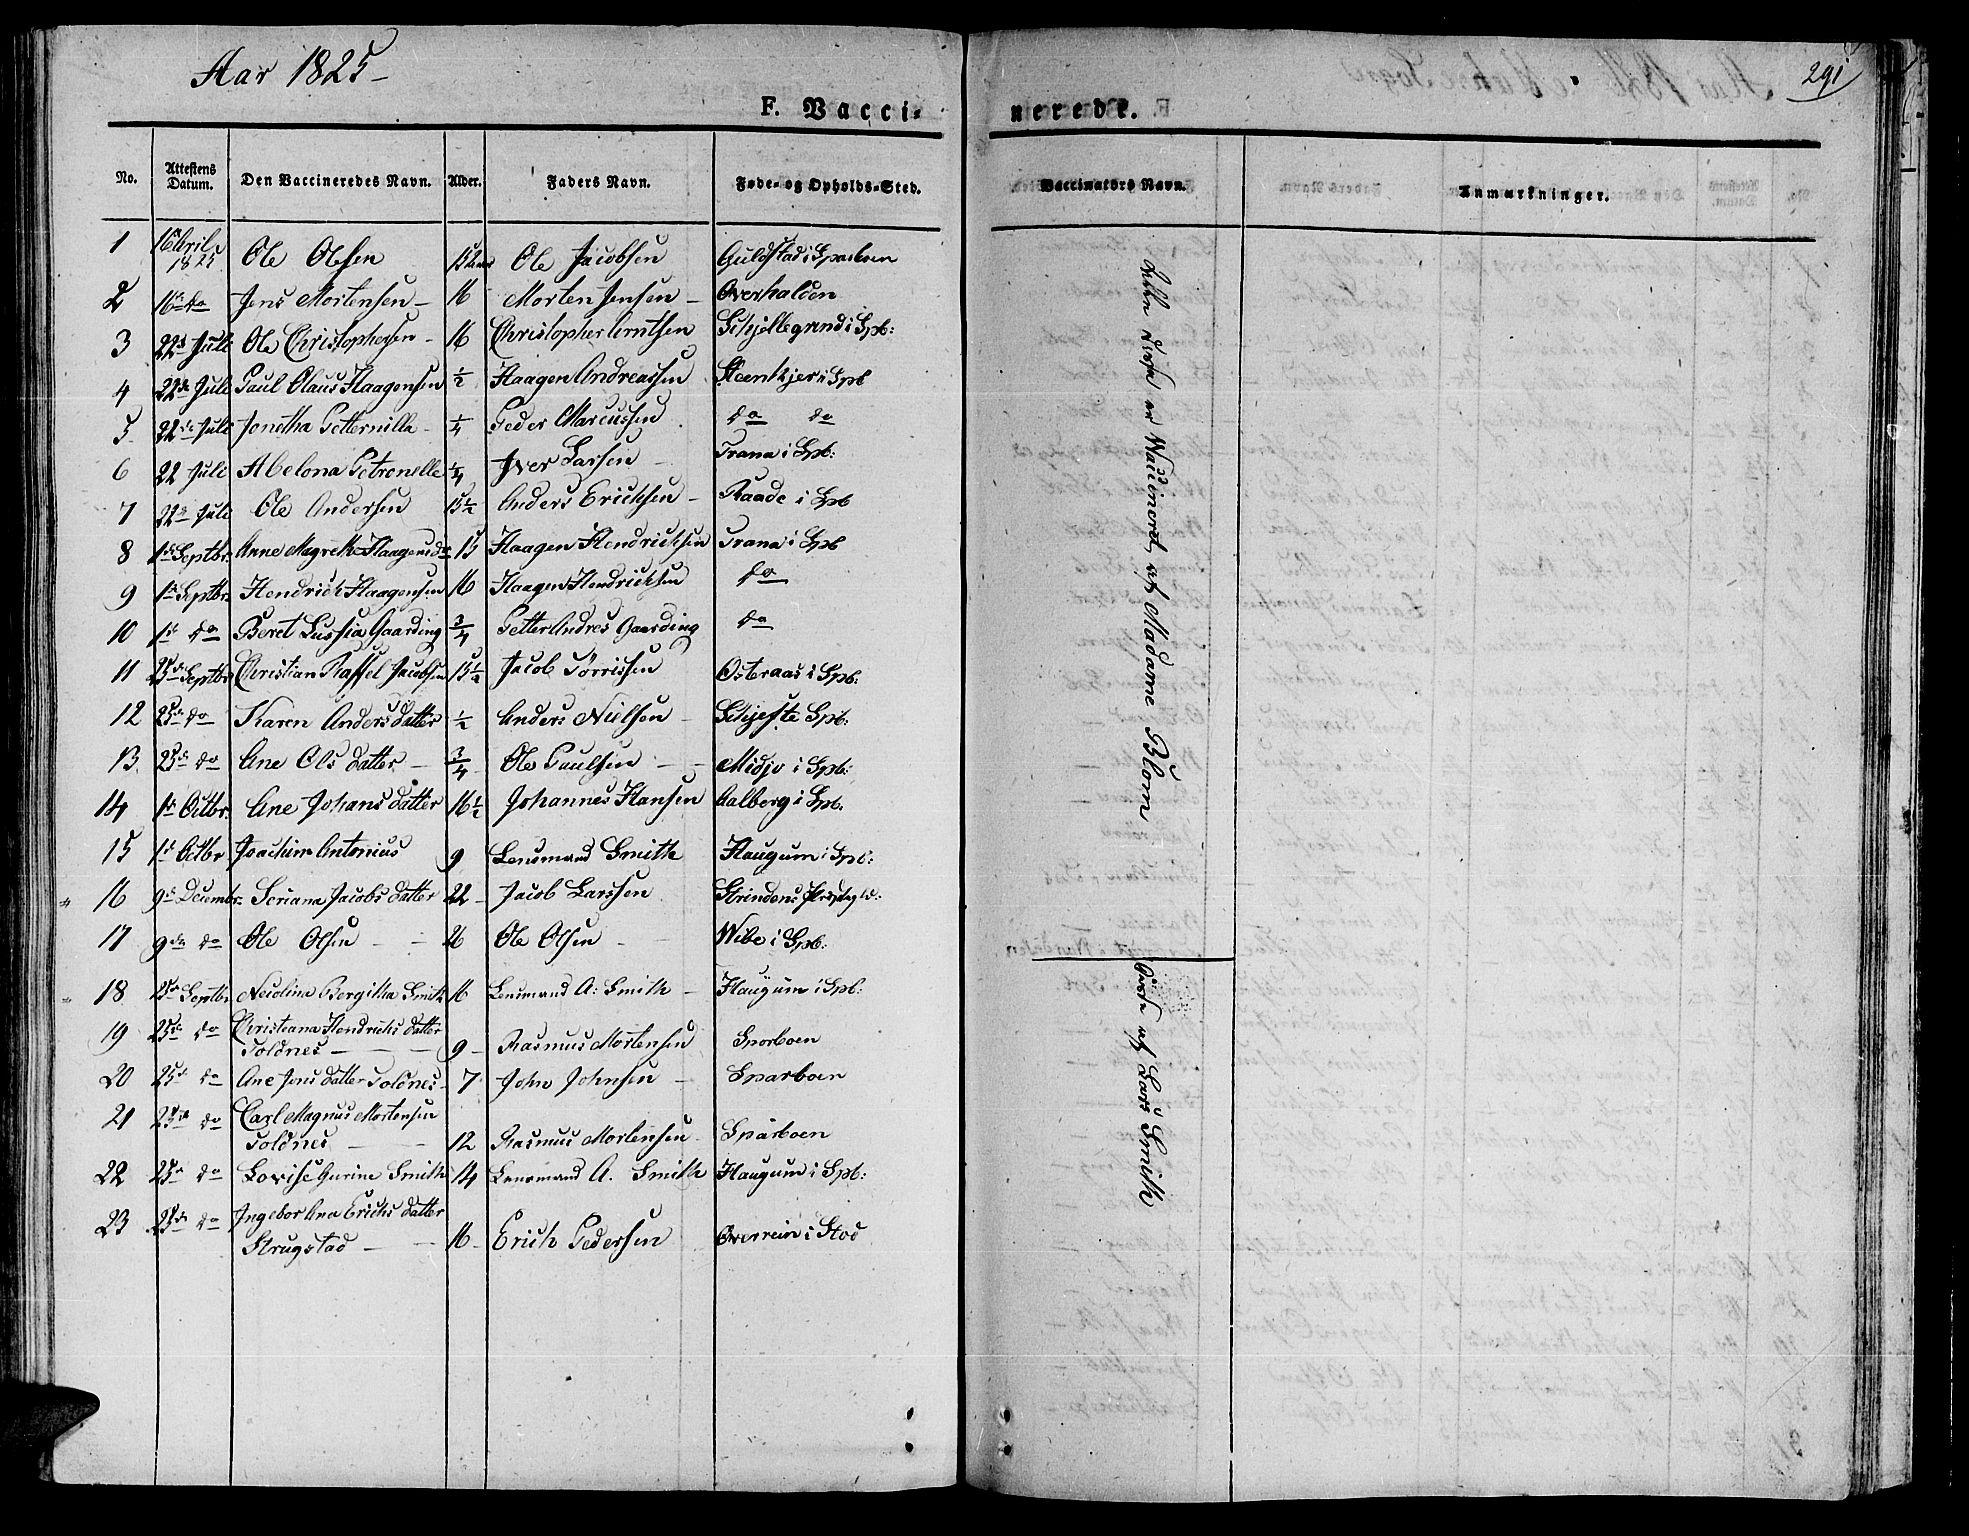 SAT, Ministerialprotokoller, klokkerbøker og fødselsregistre - Nord-Trøndelag, 735/L0336: Ministerialbok nr. 735A05 /1, 1825-1835, s. 291